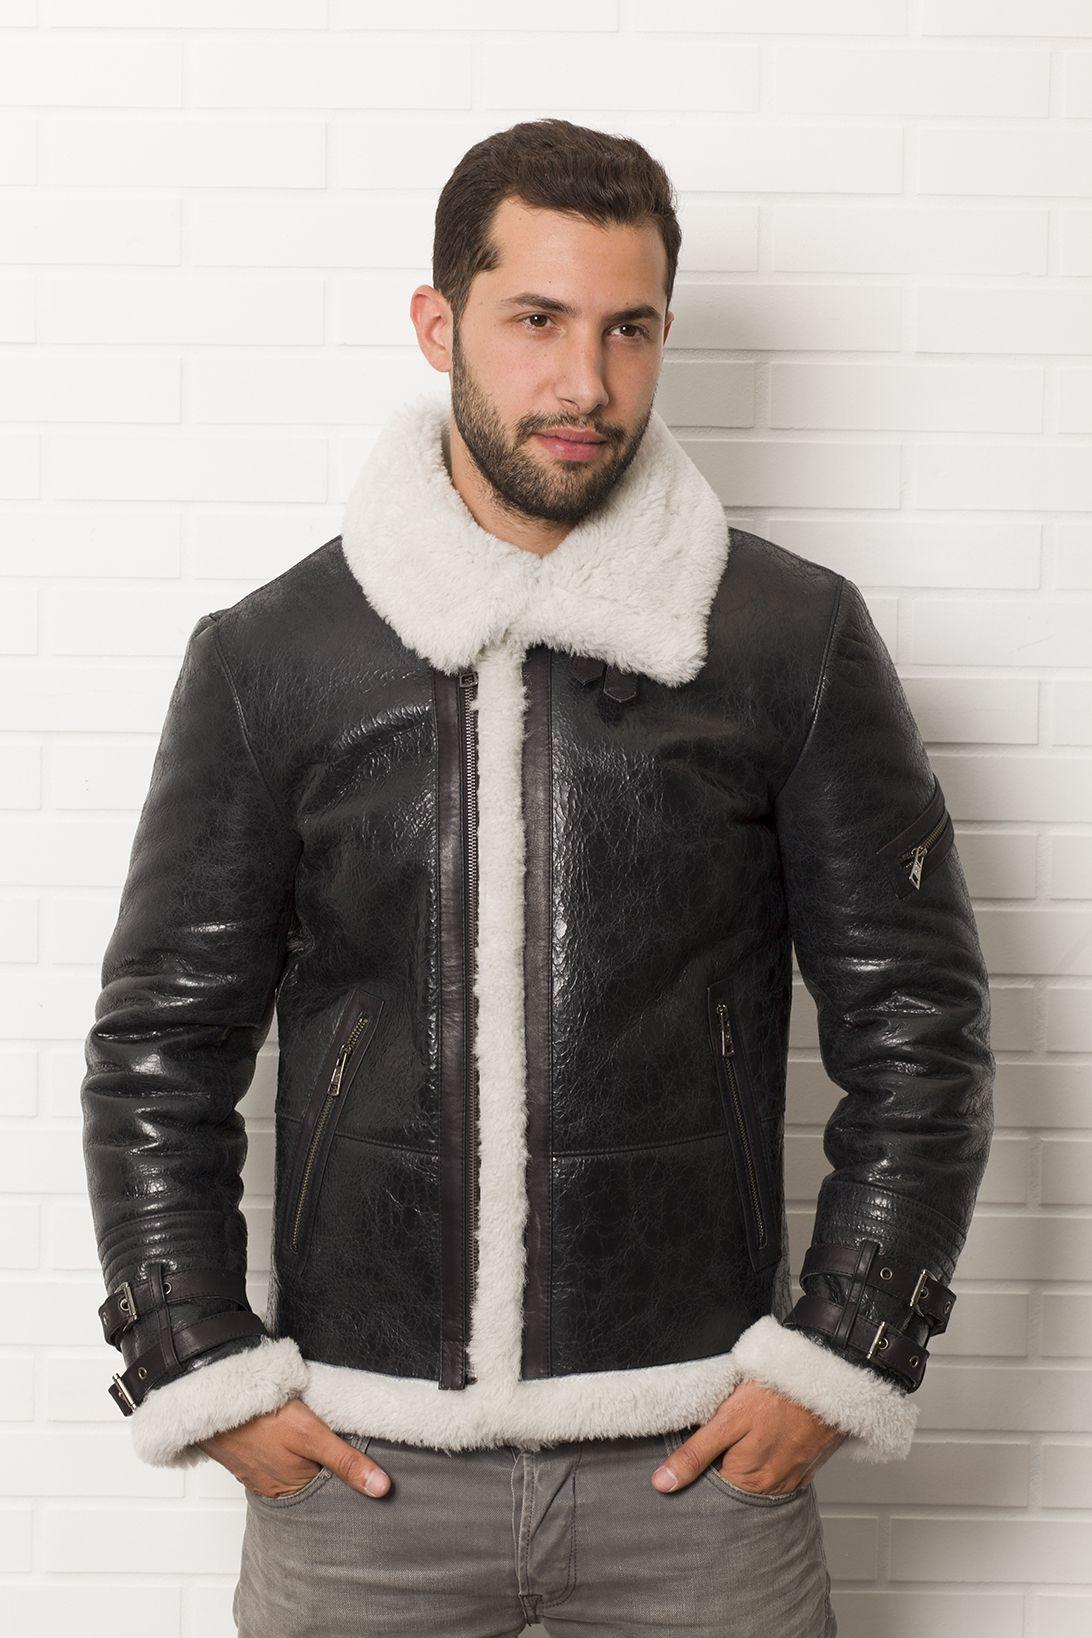 noir lainée peau LWEPeau Homme Ref3633 Blouson lainée PkZTOiXu